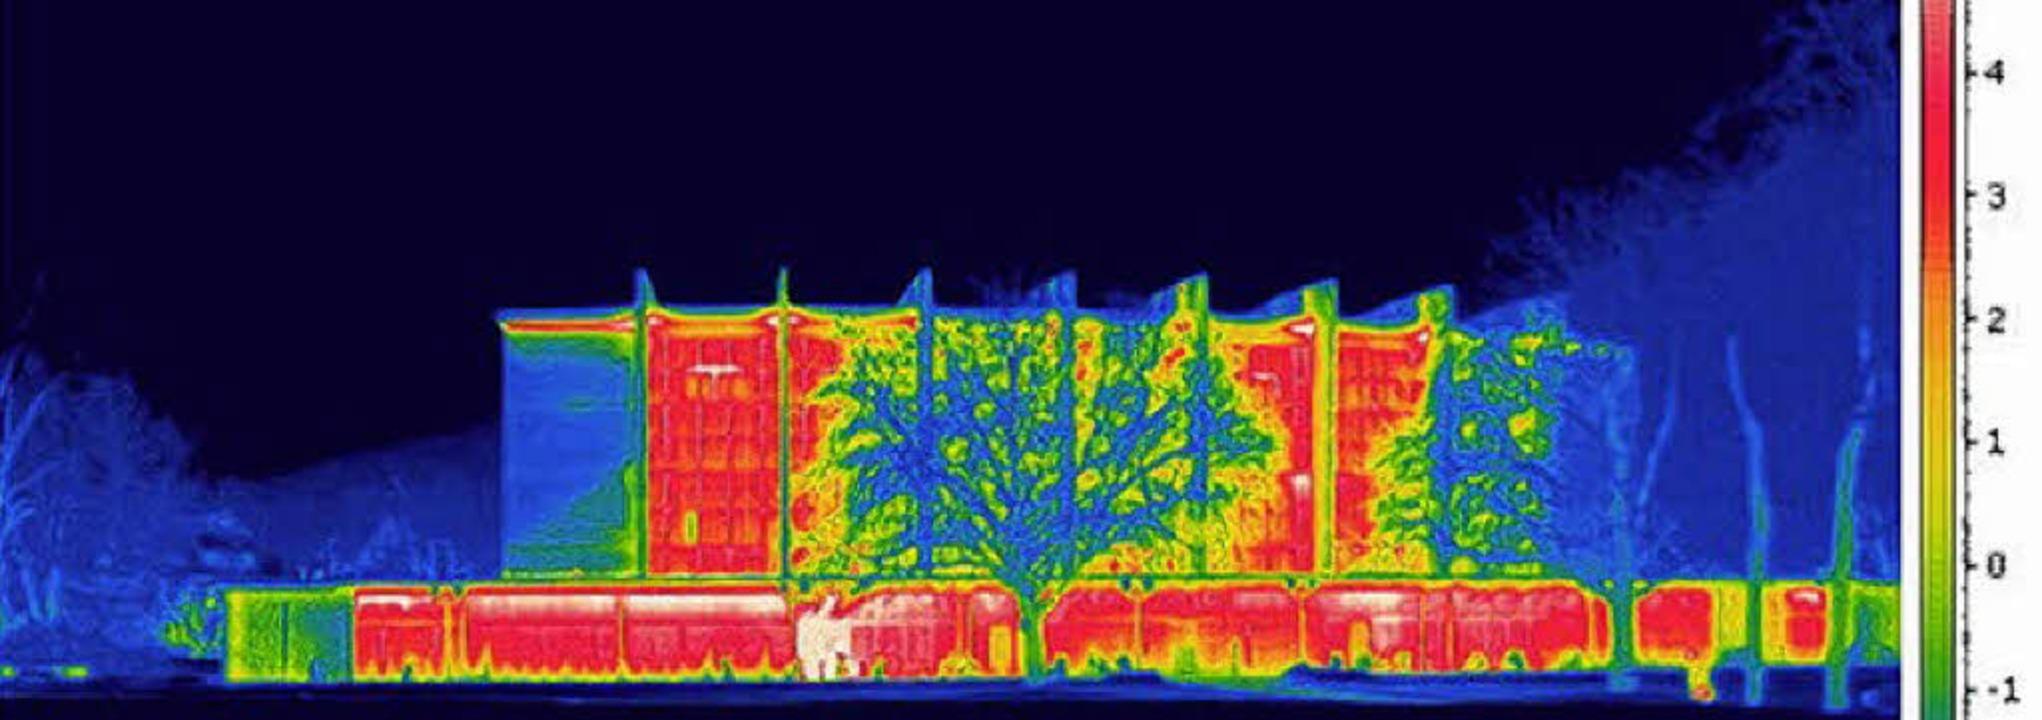 Die ehemalige Stadthalle, heute UB,  i...utet, dass Wärme nach außen entweicht.  | Foto: jörg pohlmann